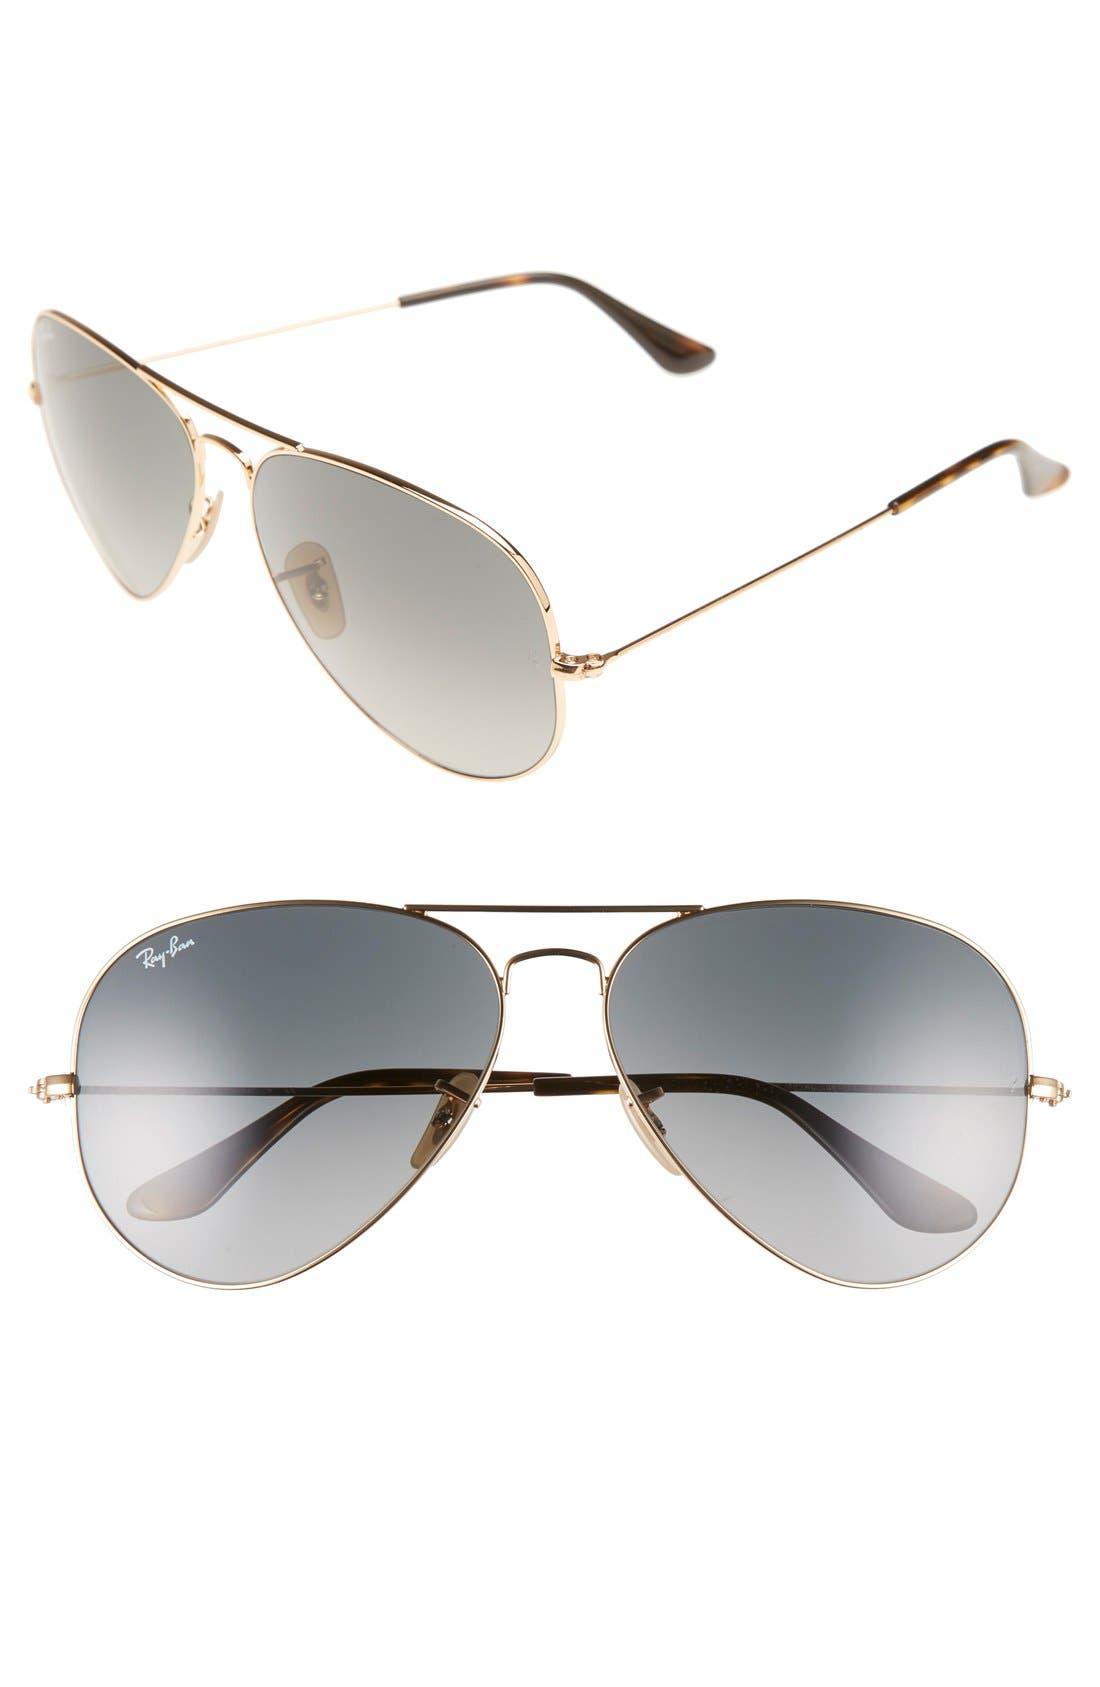 ray ban sunglasses at nordstrom